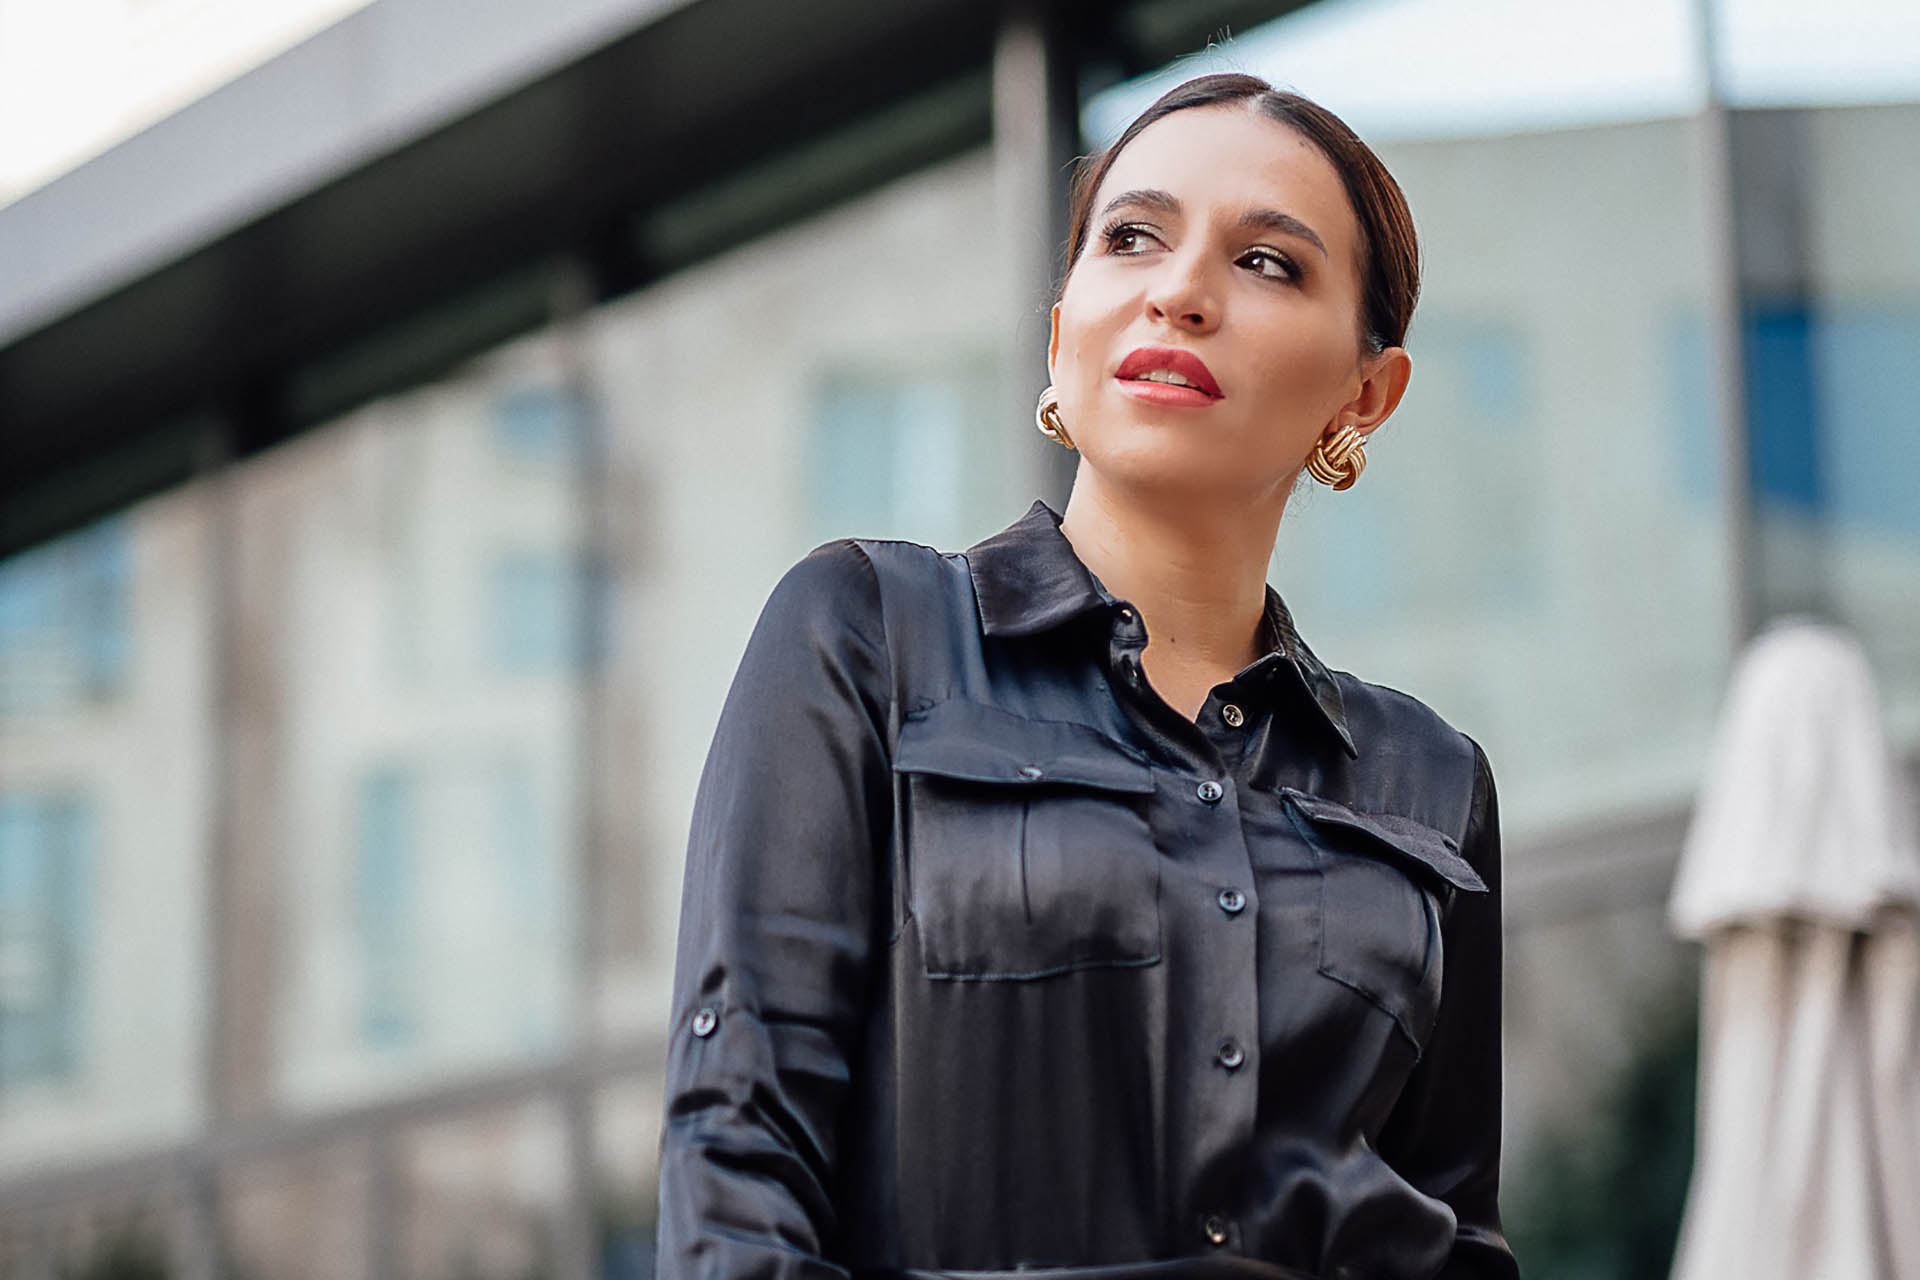 Владелица брендового бутика Алёна Рафикова: «Ошибаться — это нормально!»